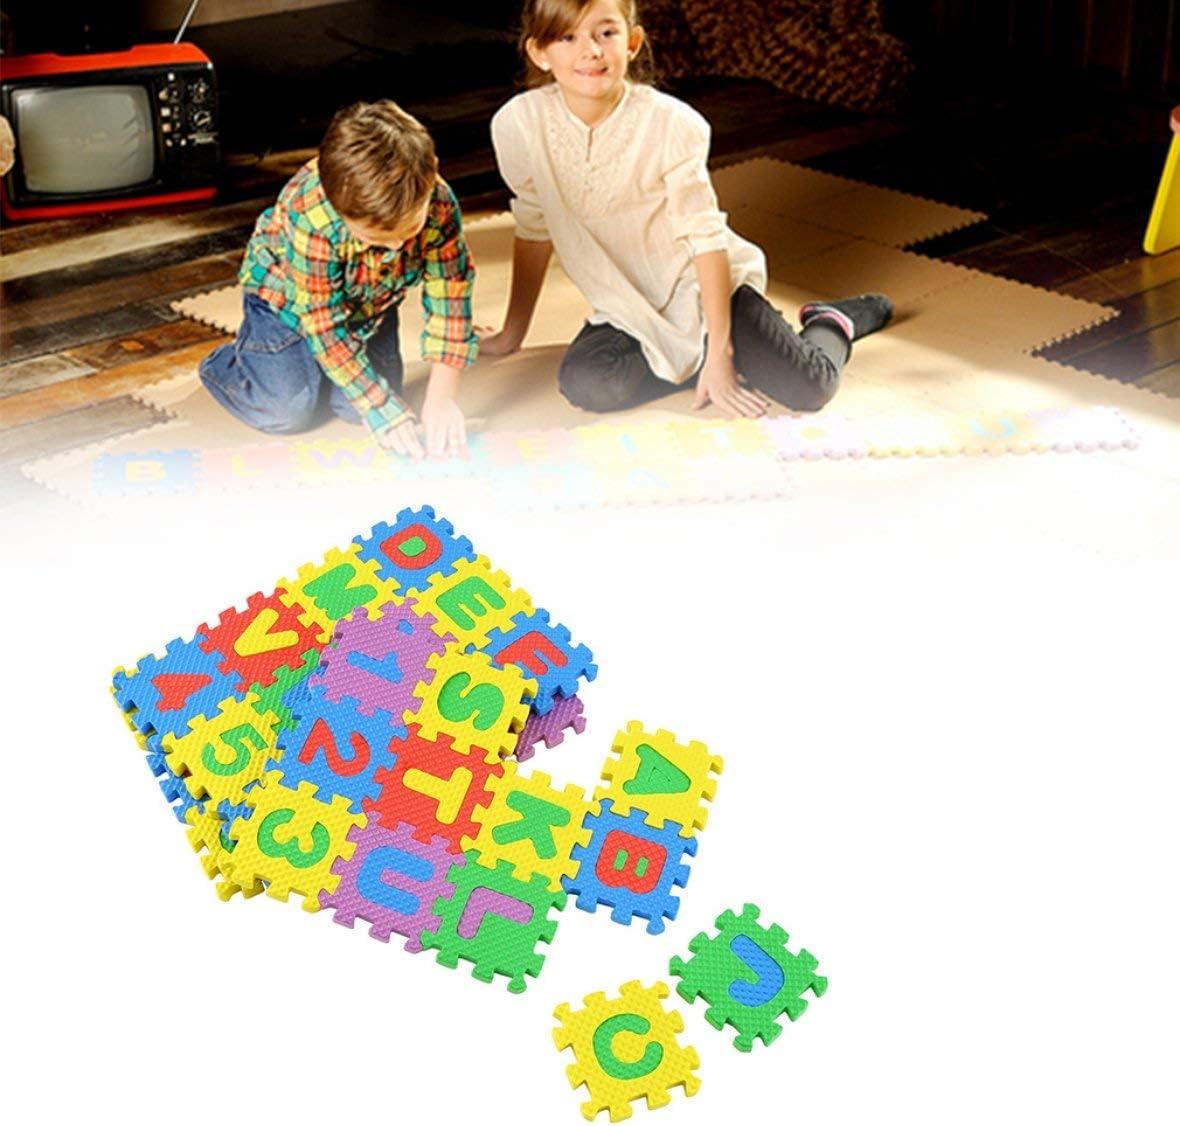 Pennytupu 36 pezzi di puzzle colorato per bambini giocattolo educativo alfabeto lettere AZ schiuma numerica tappetino da gioco tappetino strisciante per bambini auto-assemblato